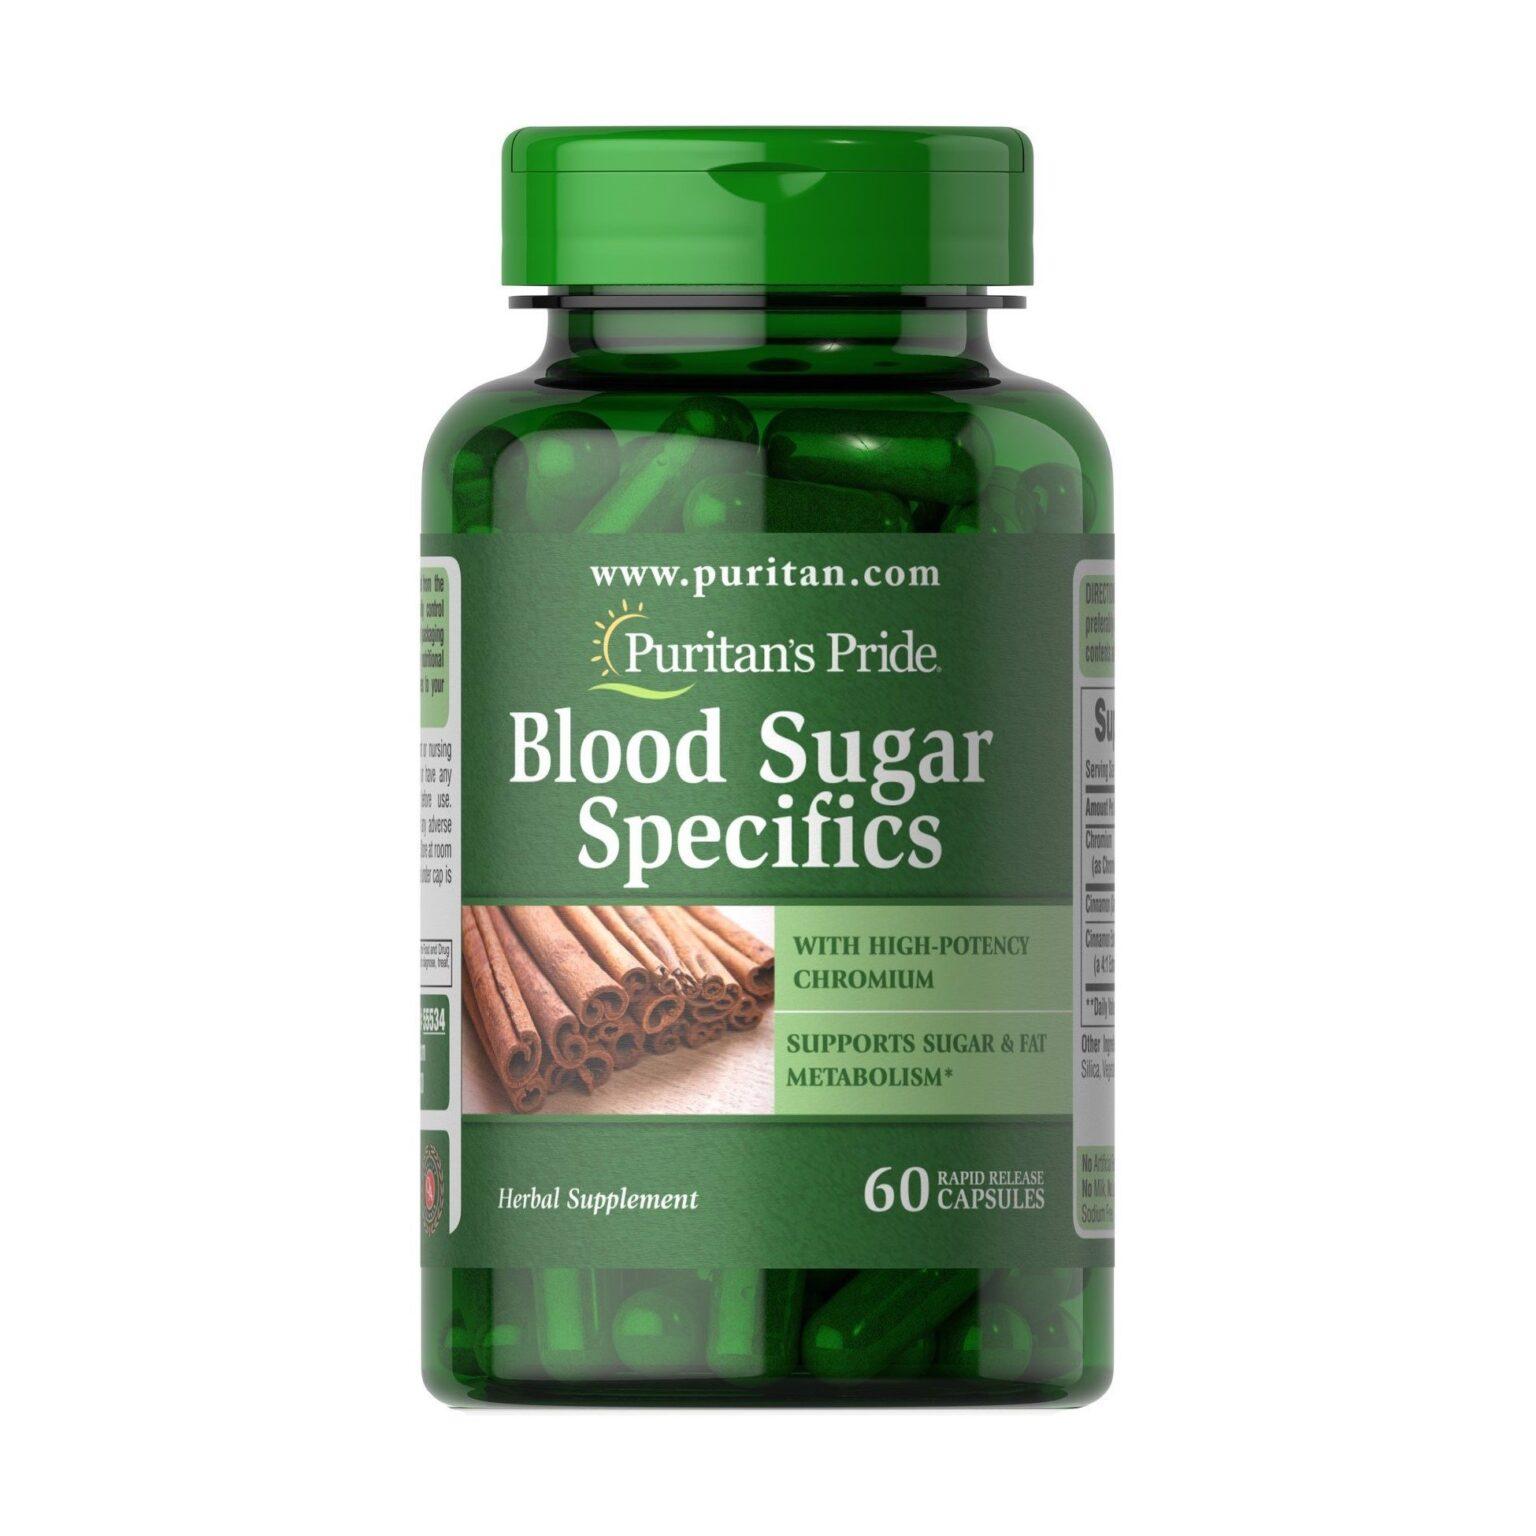 puritan's pride blood sugar specifics